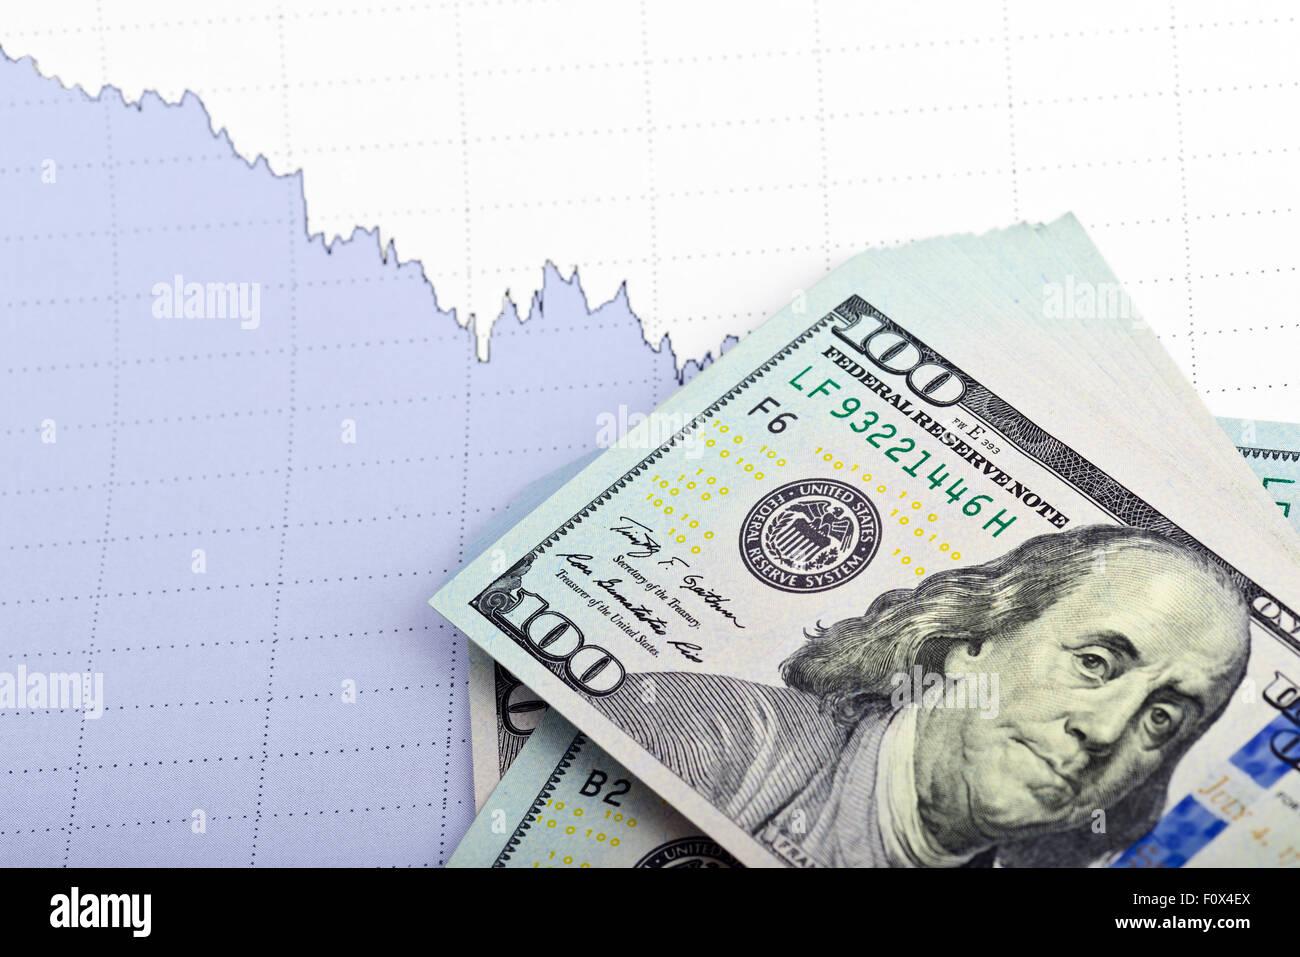 Concepto de negocio. Montón de billetes de dólar en papel con fondo gráfico empresarial Foto de stock